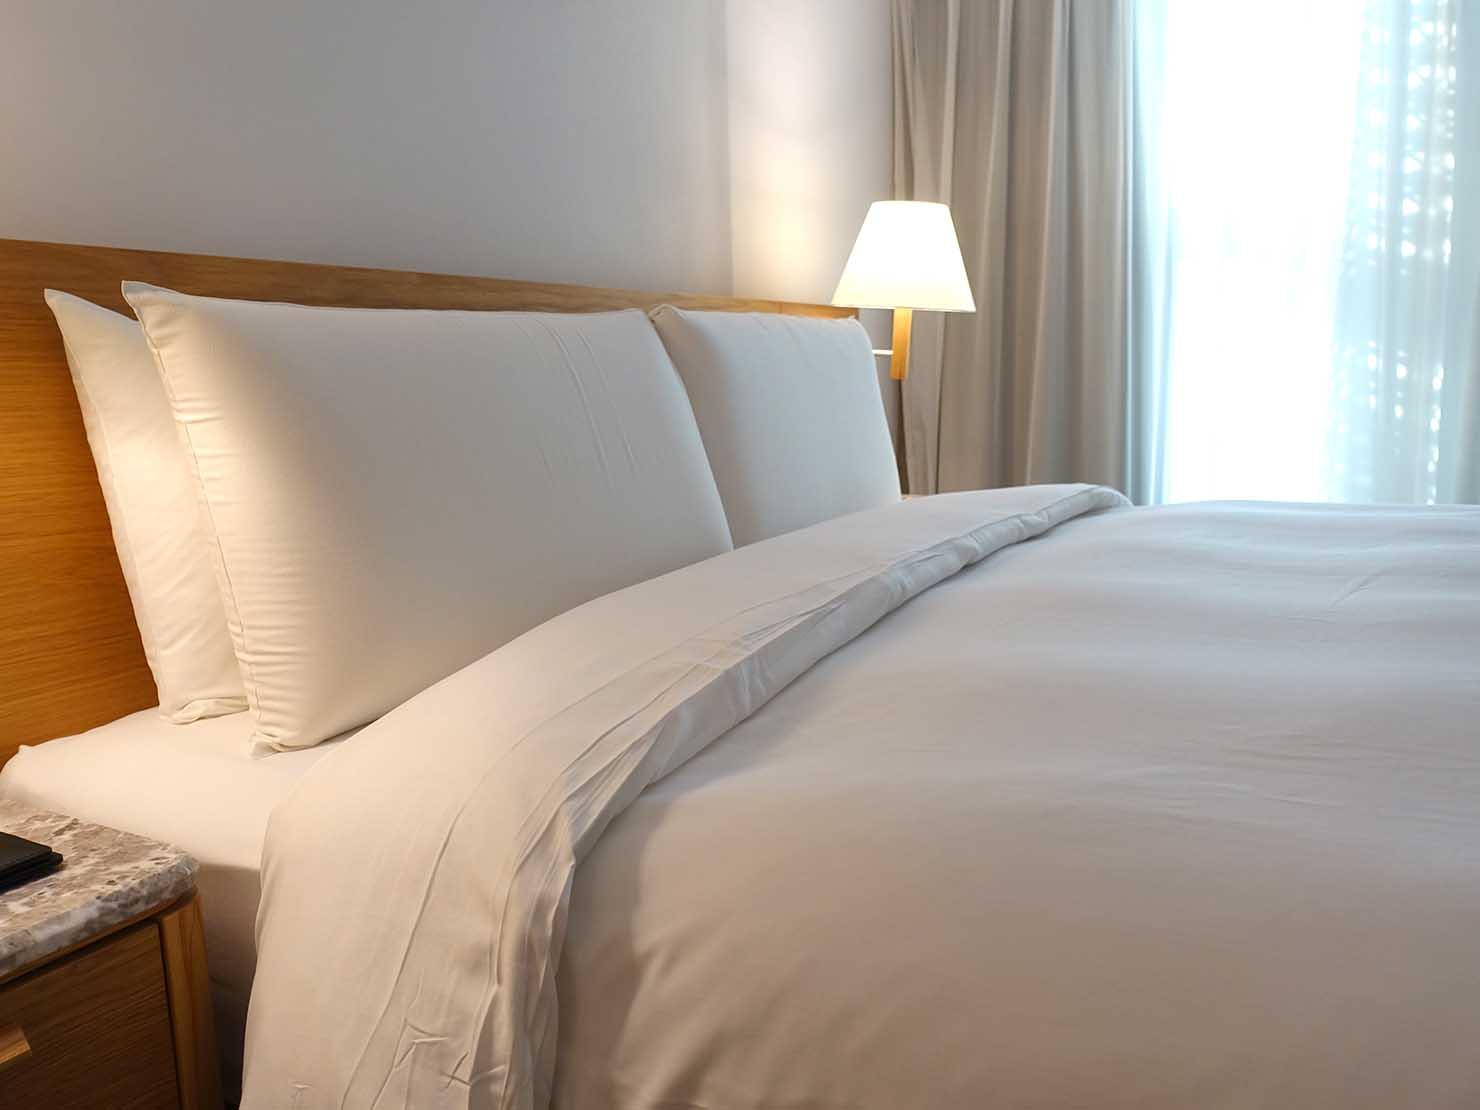 台中のおすすめホテル「卡爾登飯店 The Carlton」デラックスダブルルームのダブルベッド